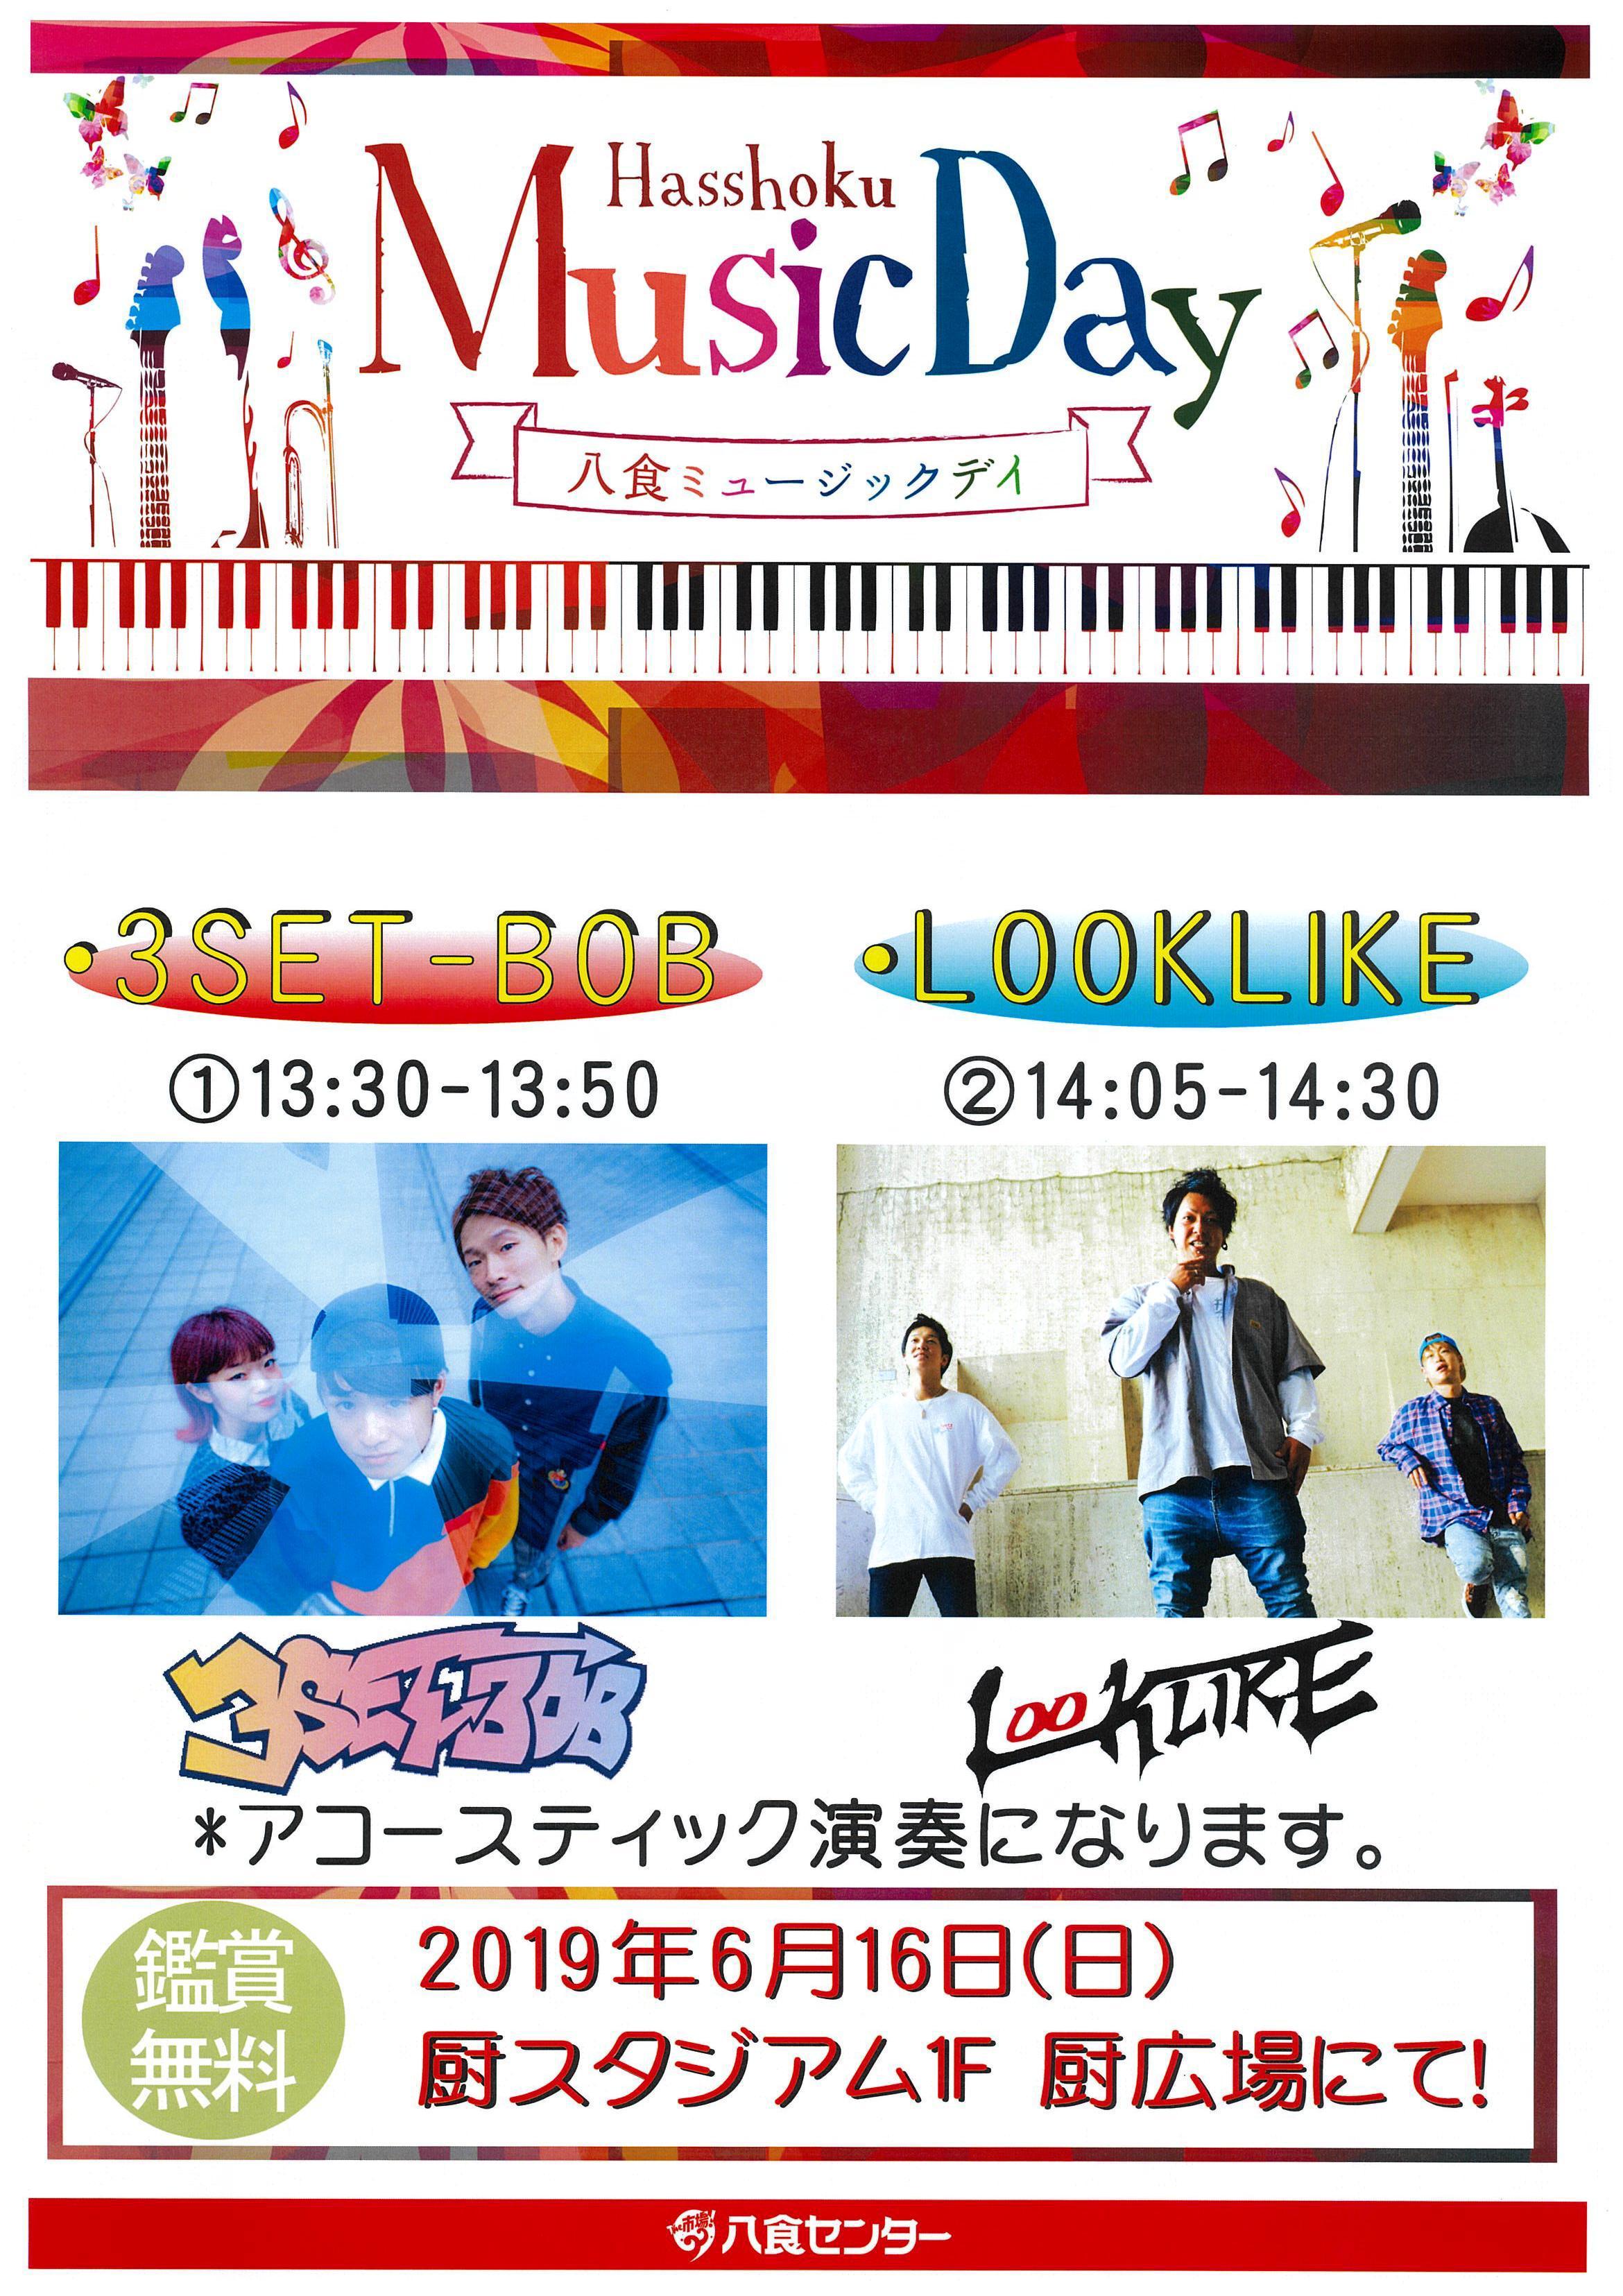 八食Music Day 【3SET-BOB・LOOKLIKE】 6/16